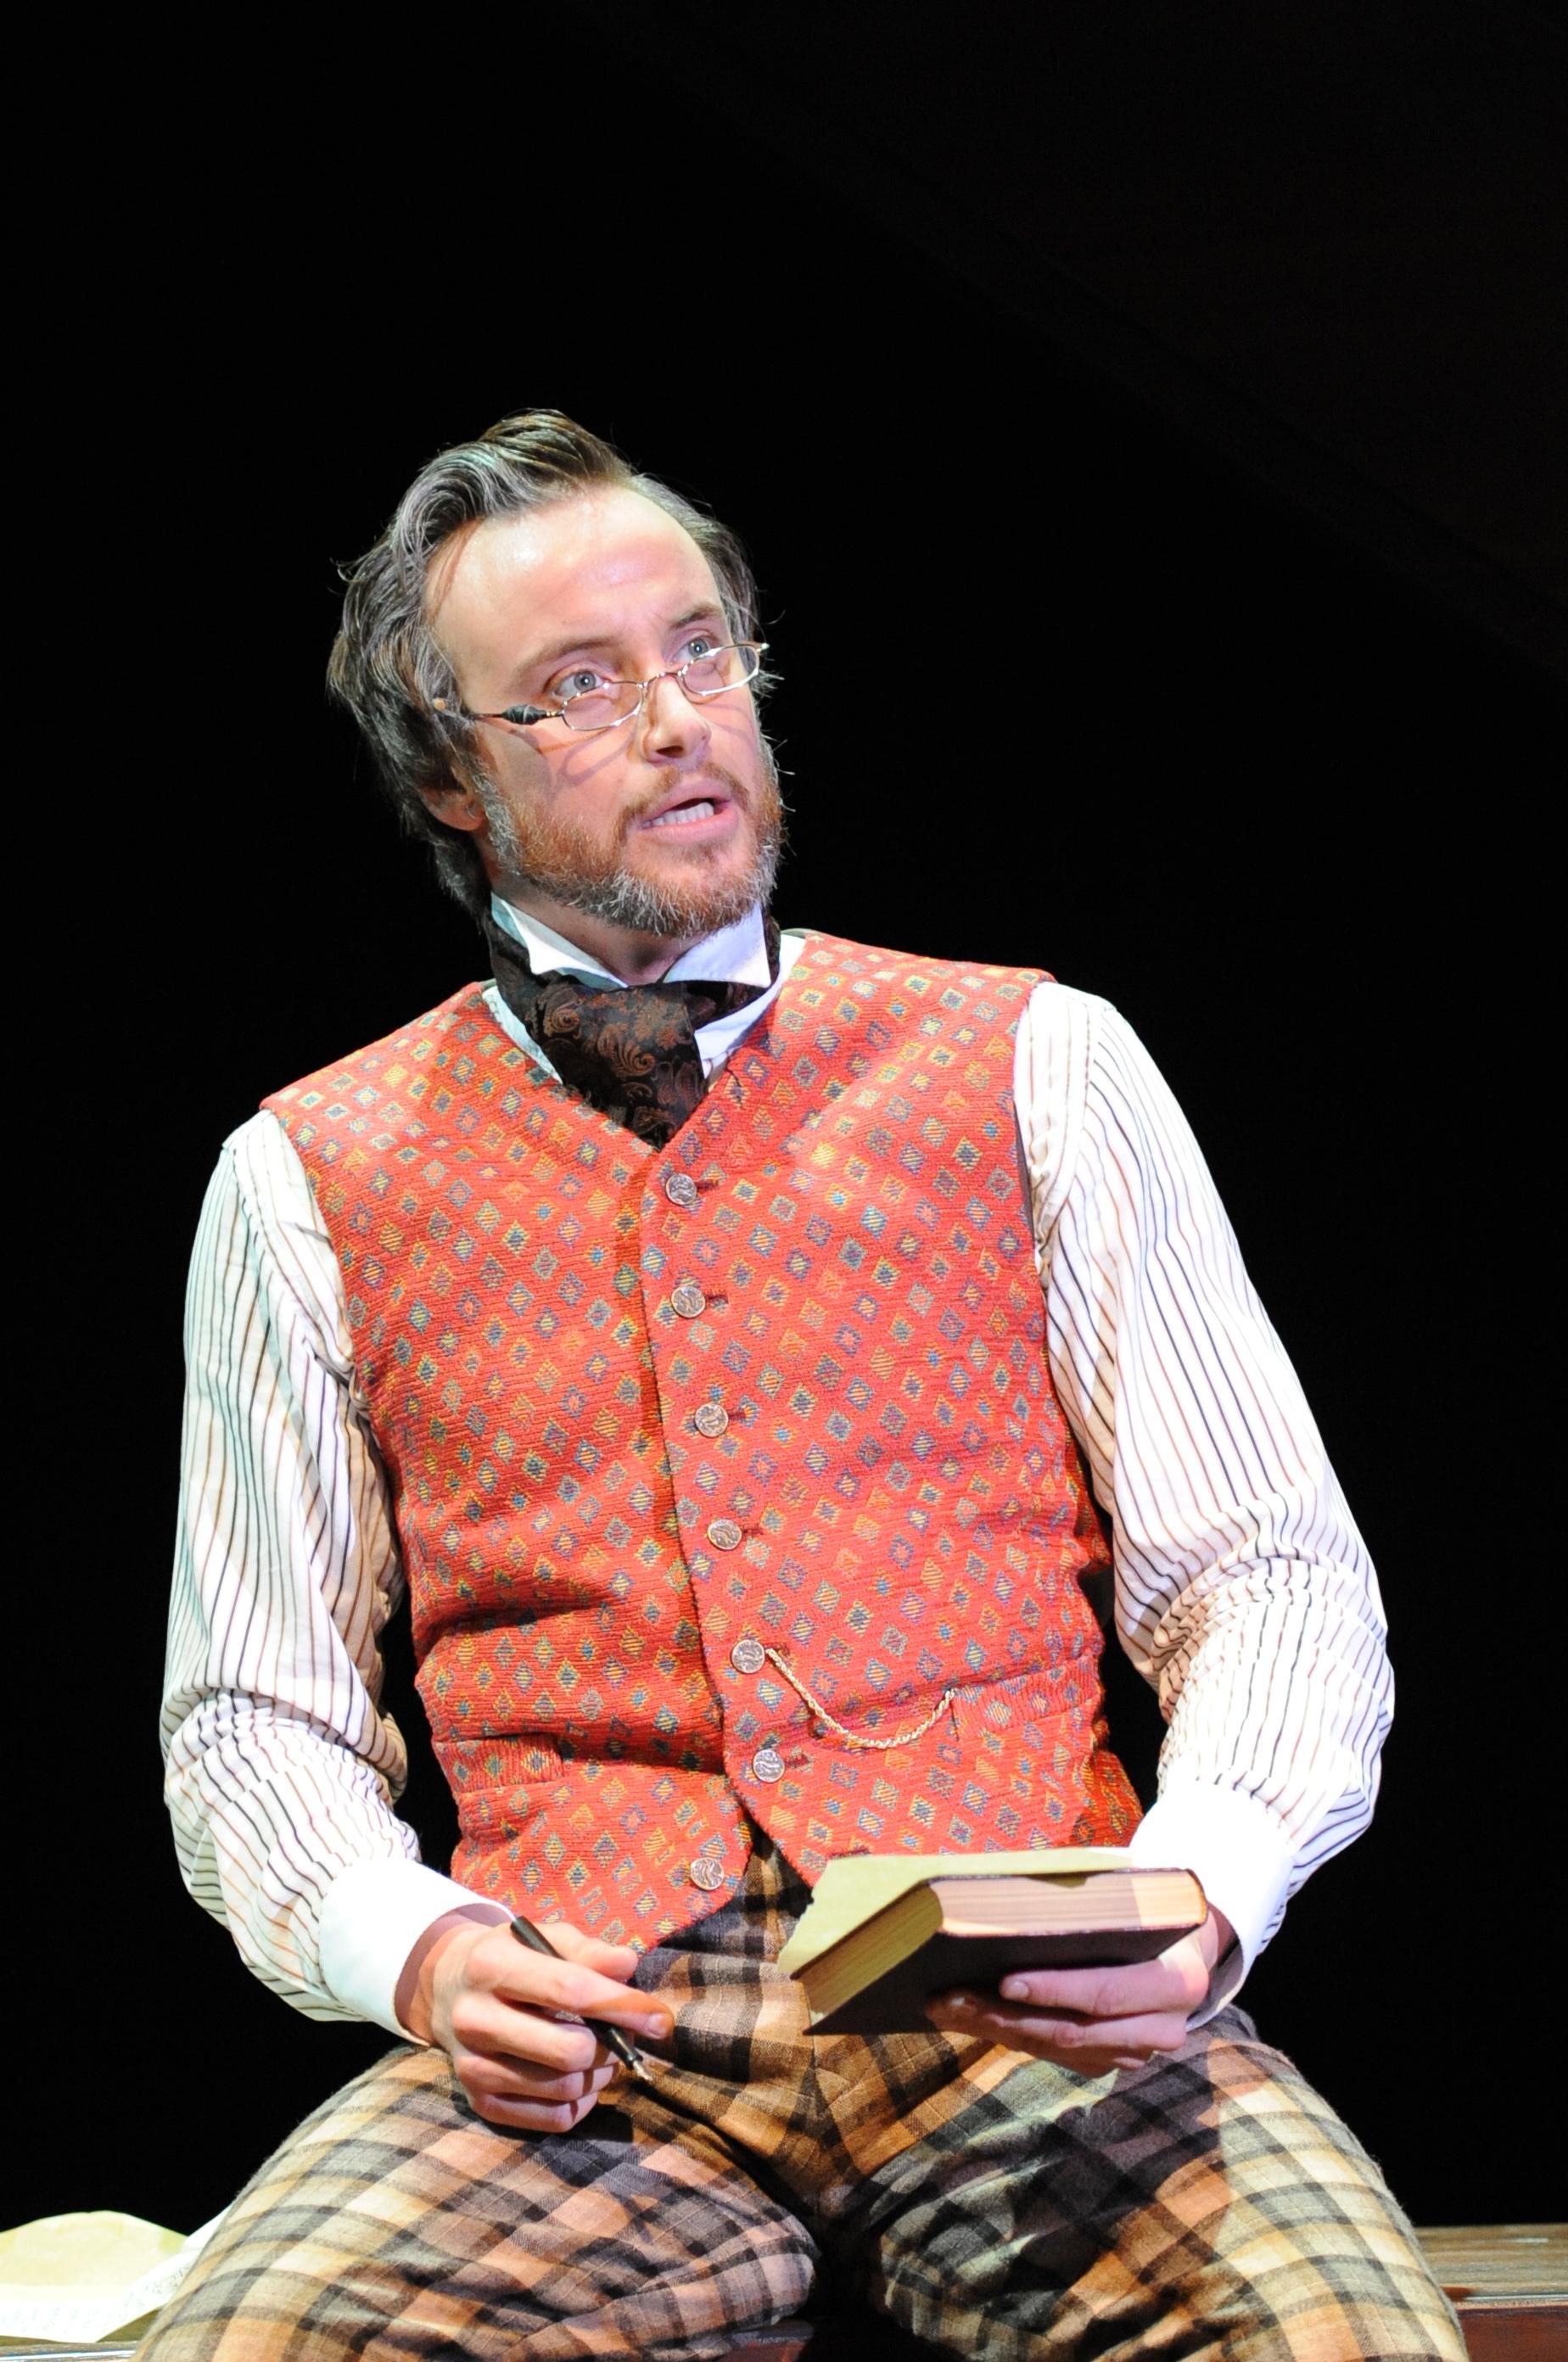 Professor Bhaer